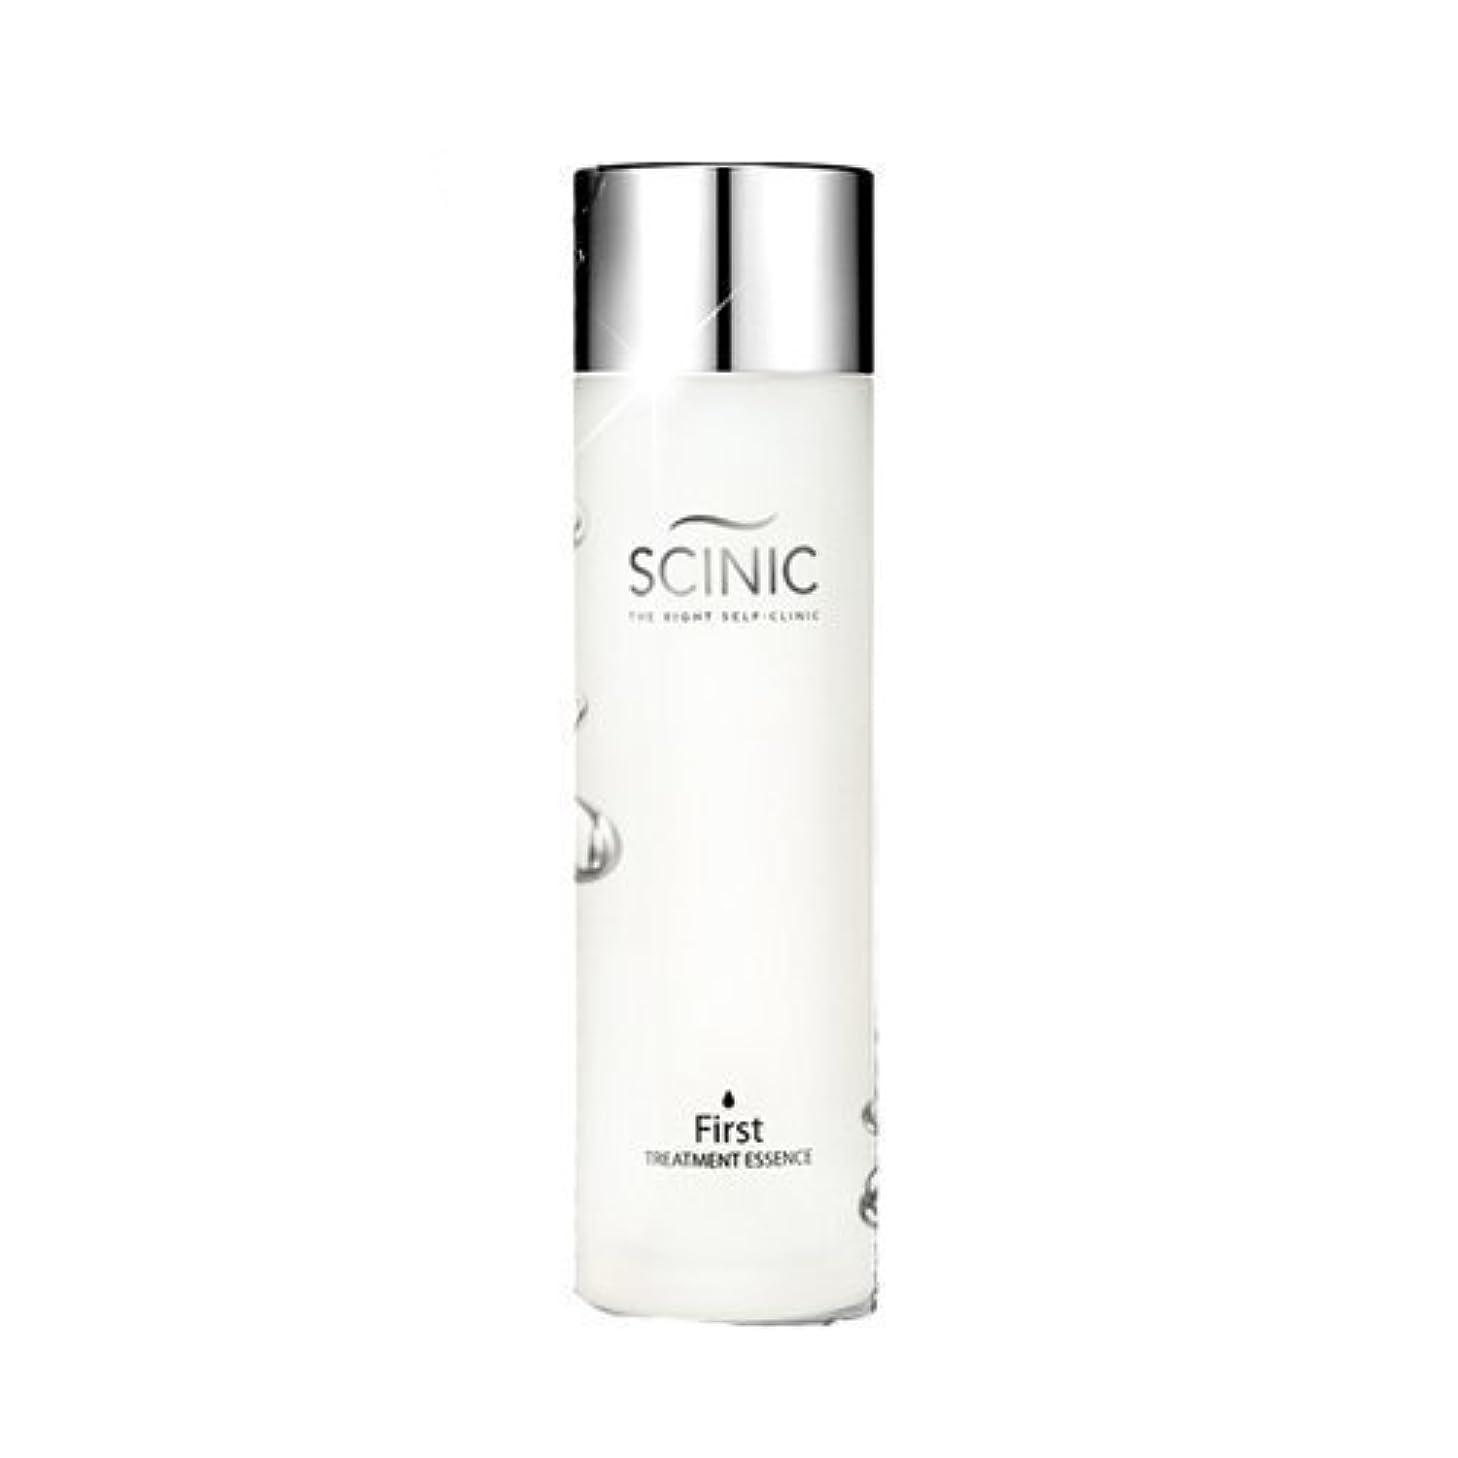 気絶させる確執ハッチSCINIC First Treatment Yeast Essence Galactomyces Whitening Anti-Wrinkle 150ml